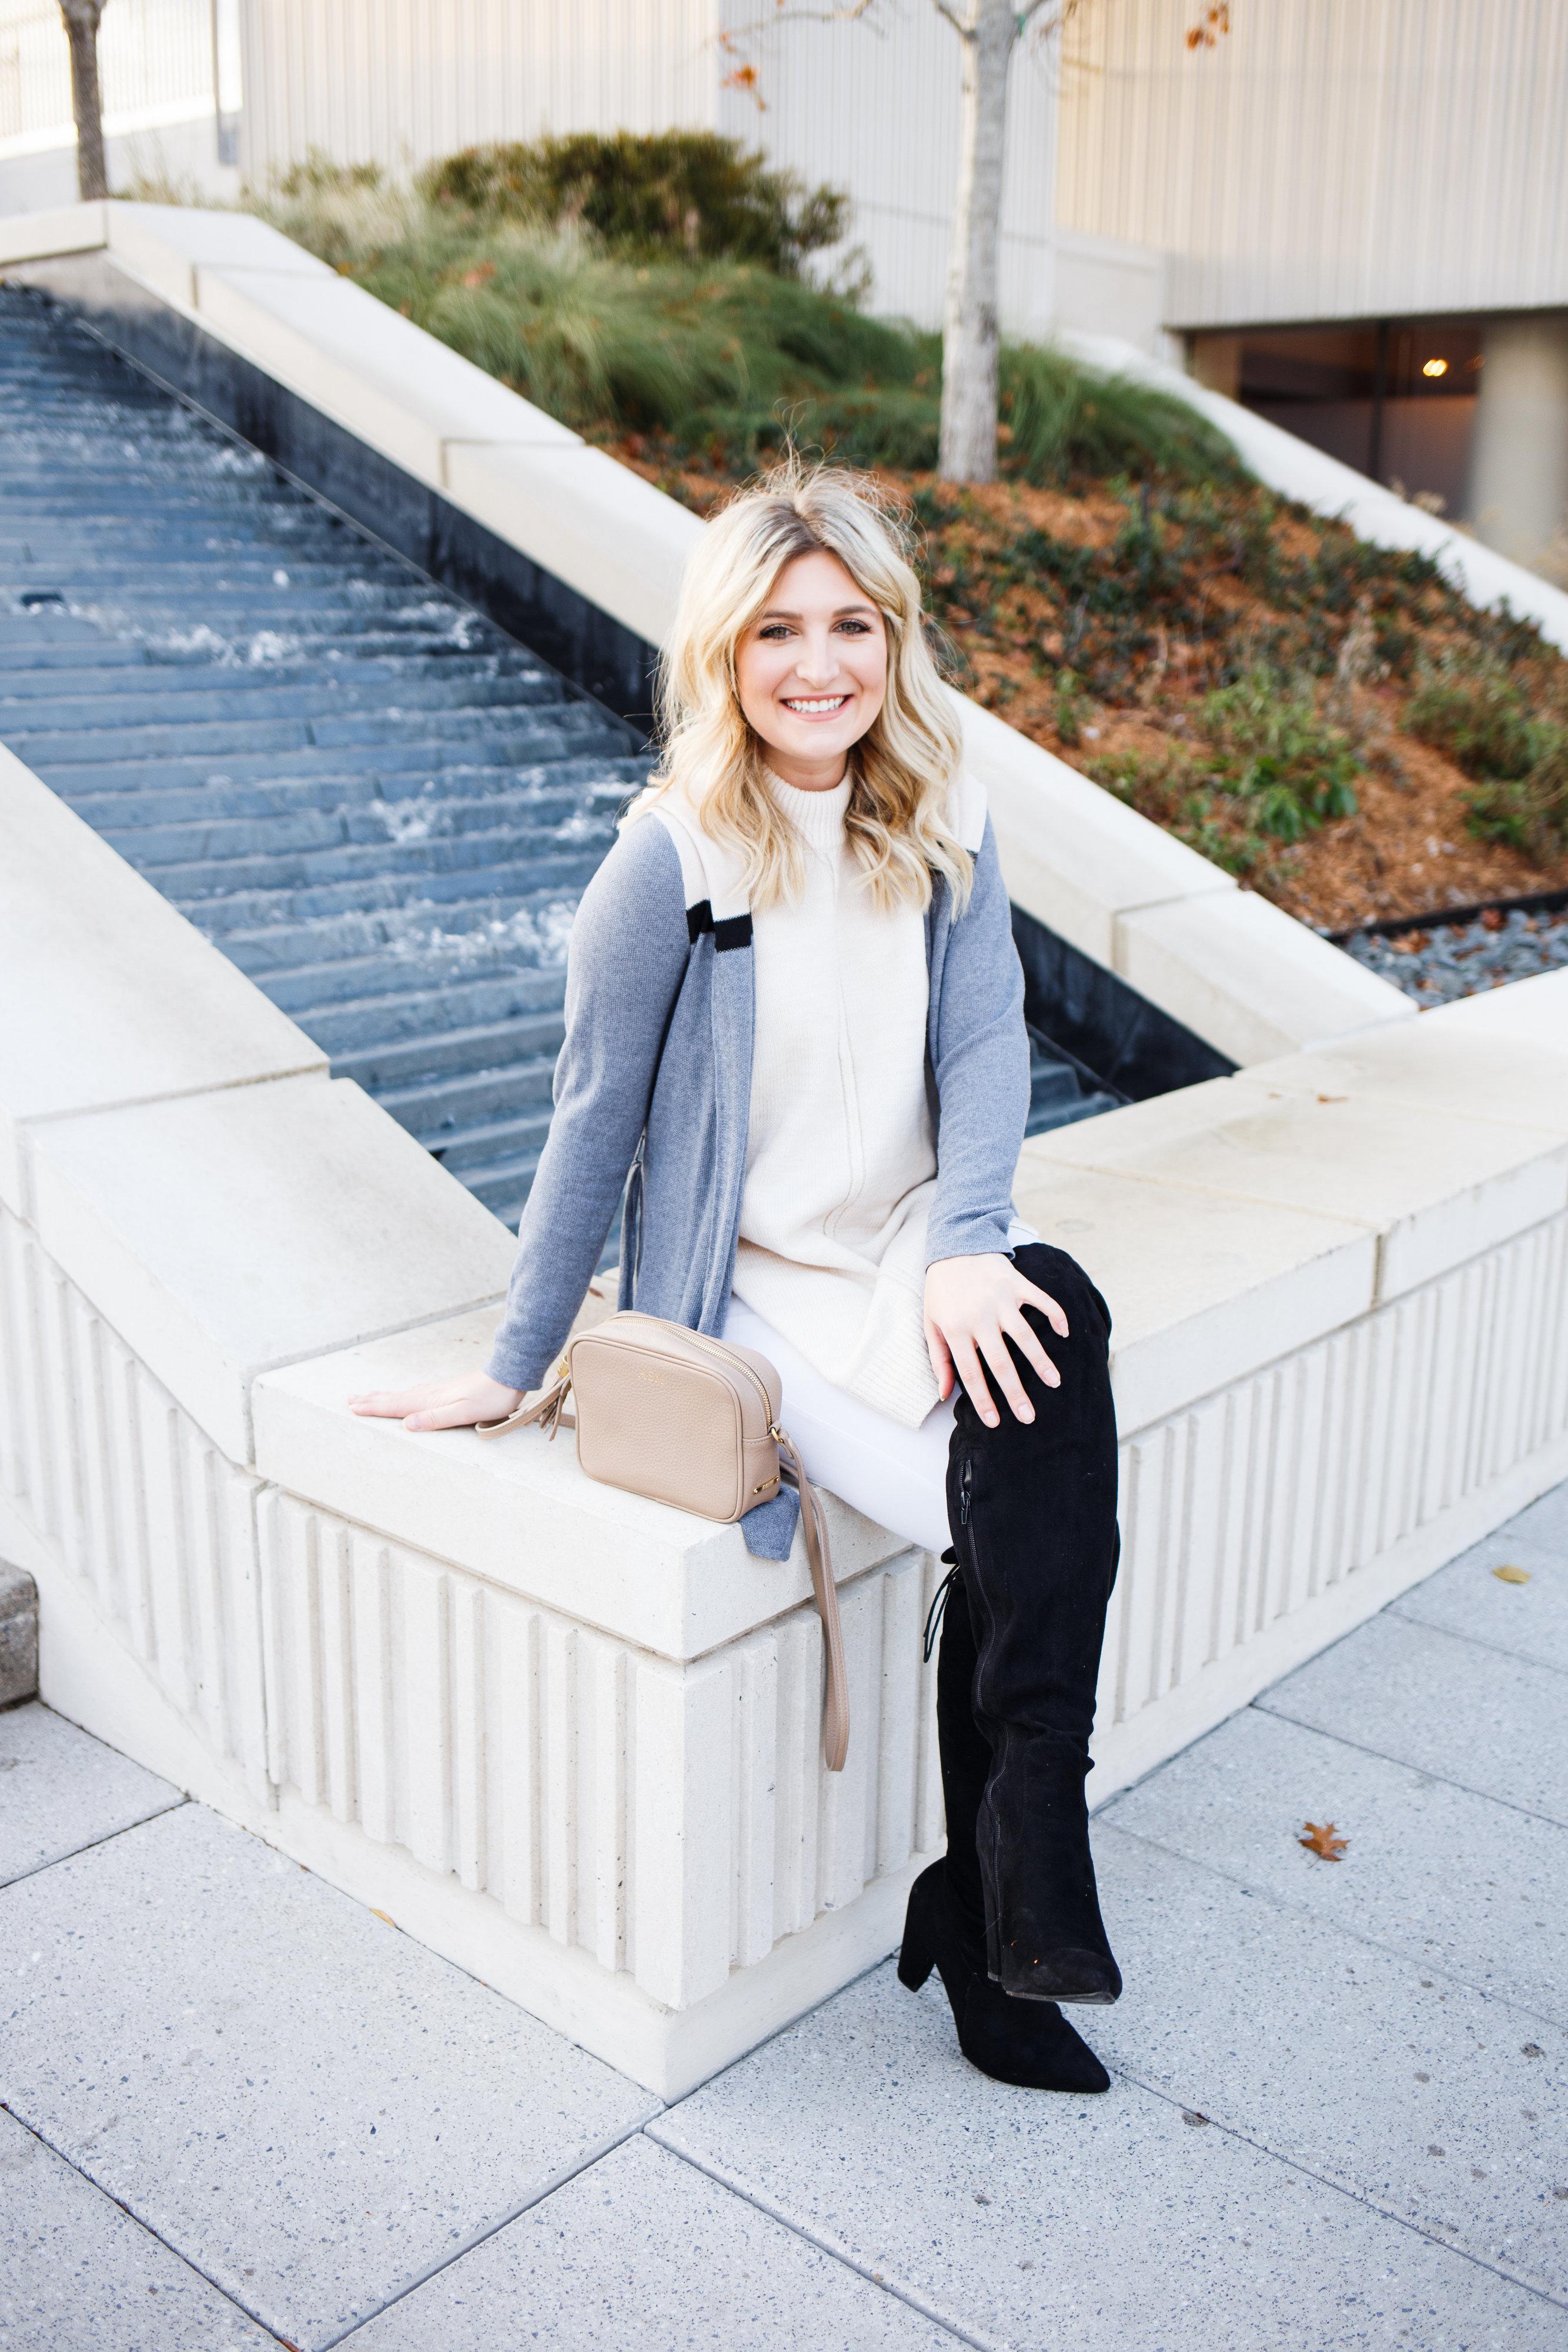 Winter Shades of White & Cream | AMS Blog | Dallas/ Lubbock college fashion blogger